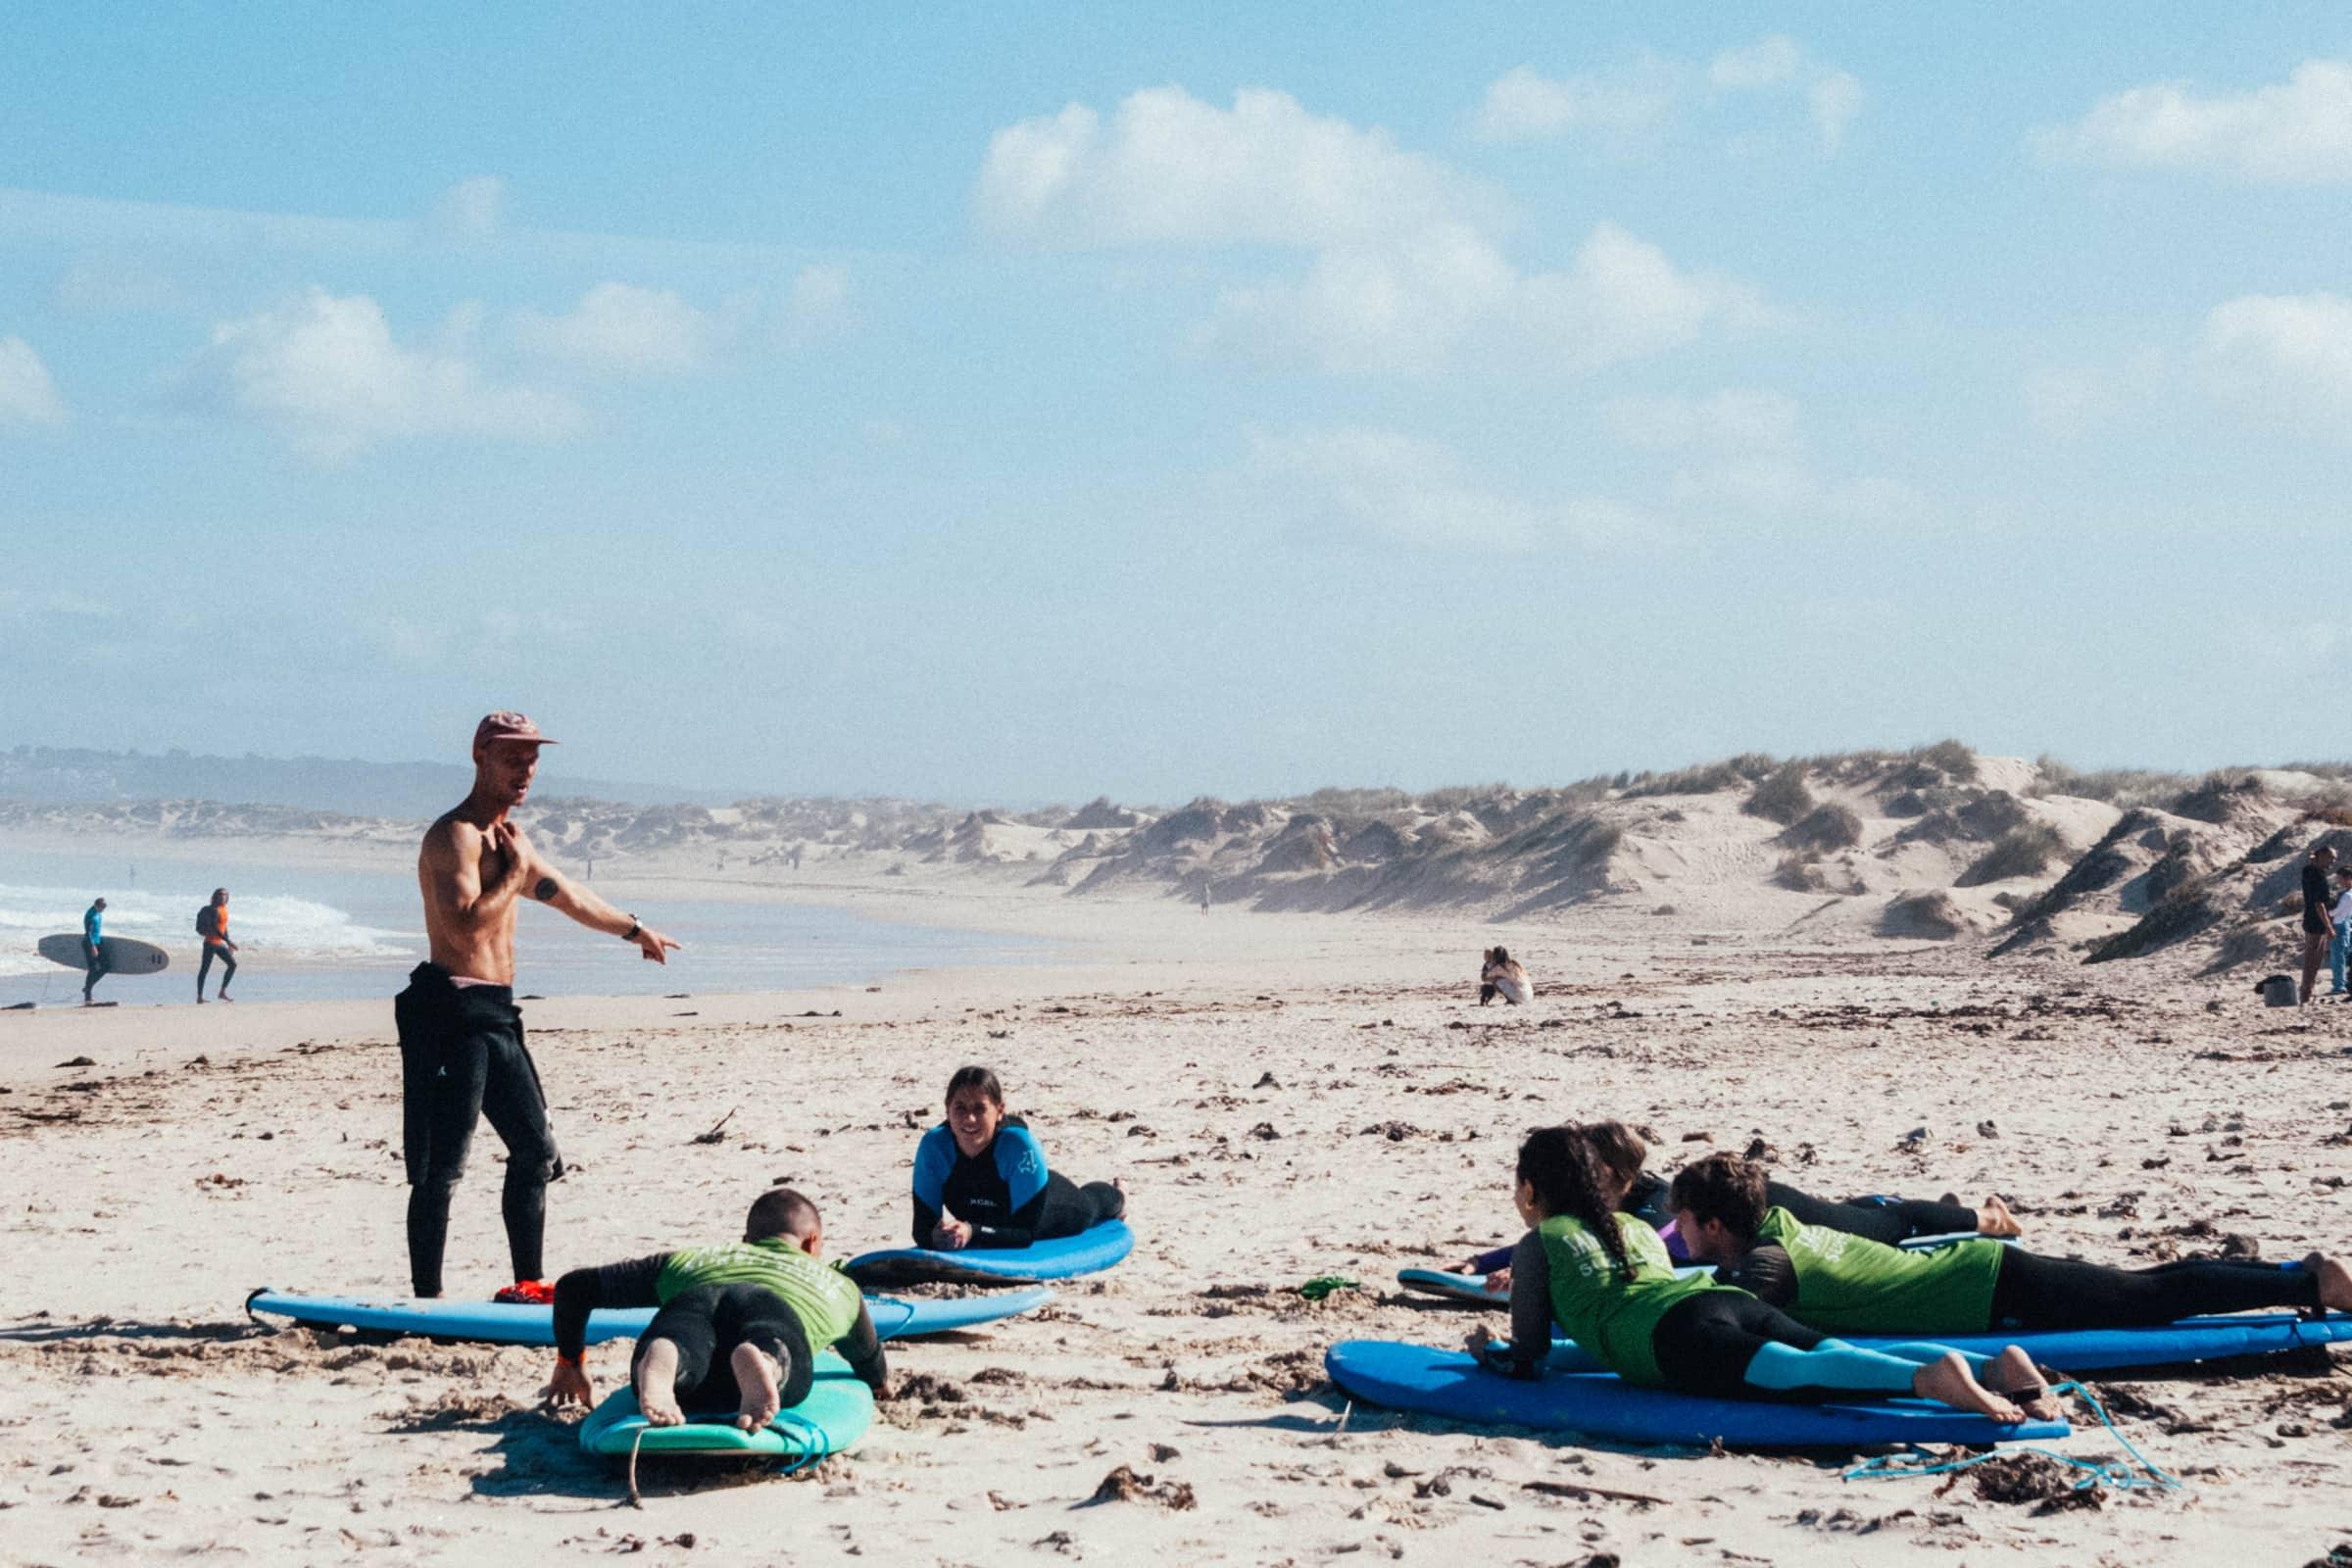 santa cruz surf coaches teaching beginner surfers on the beach